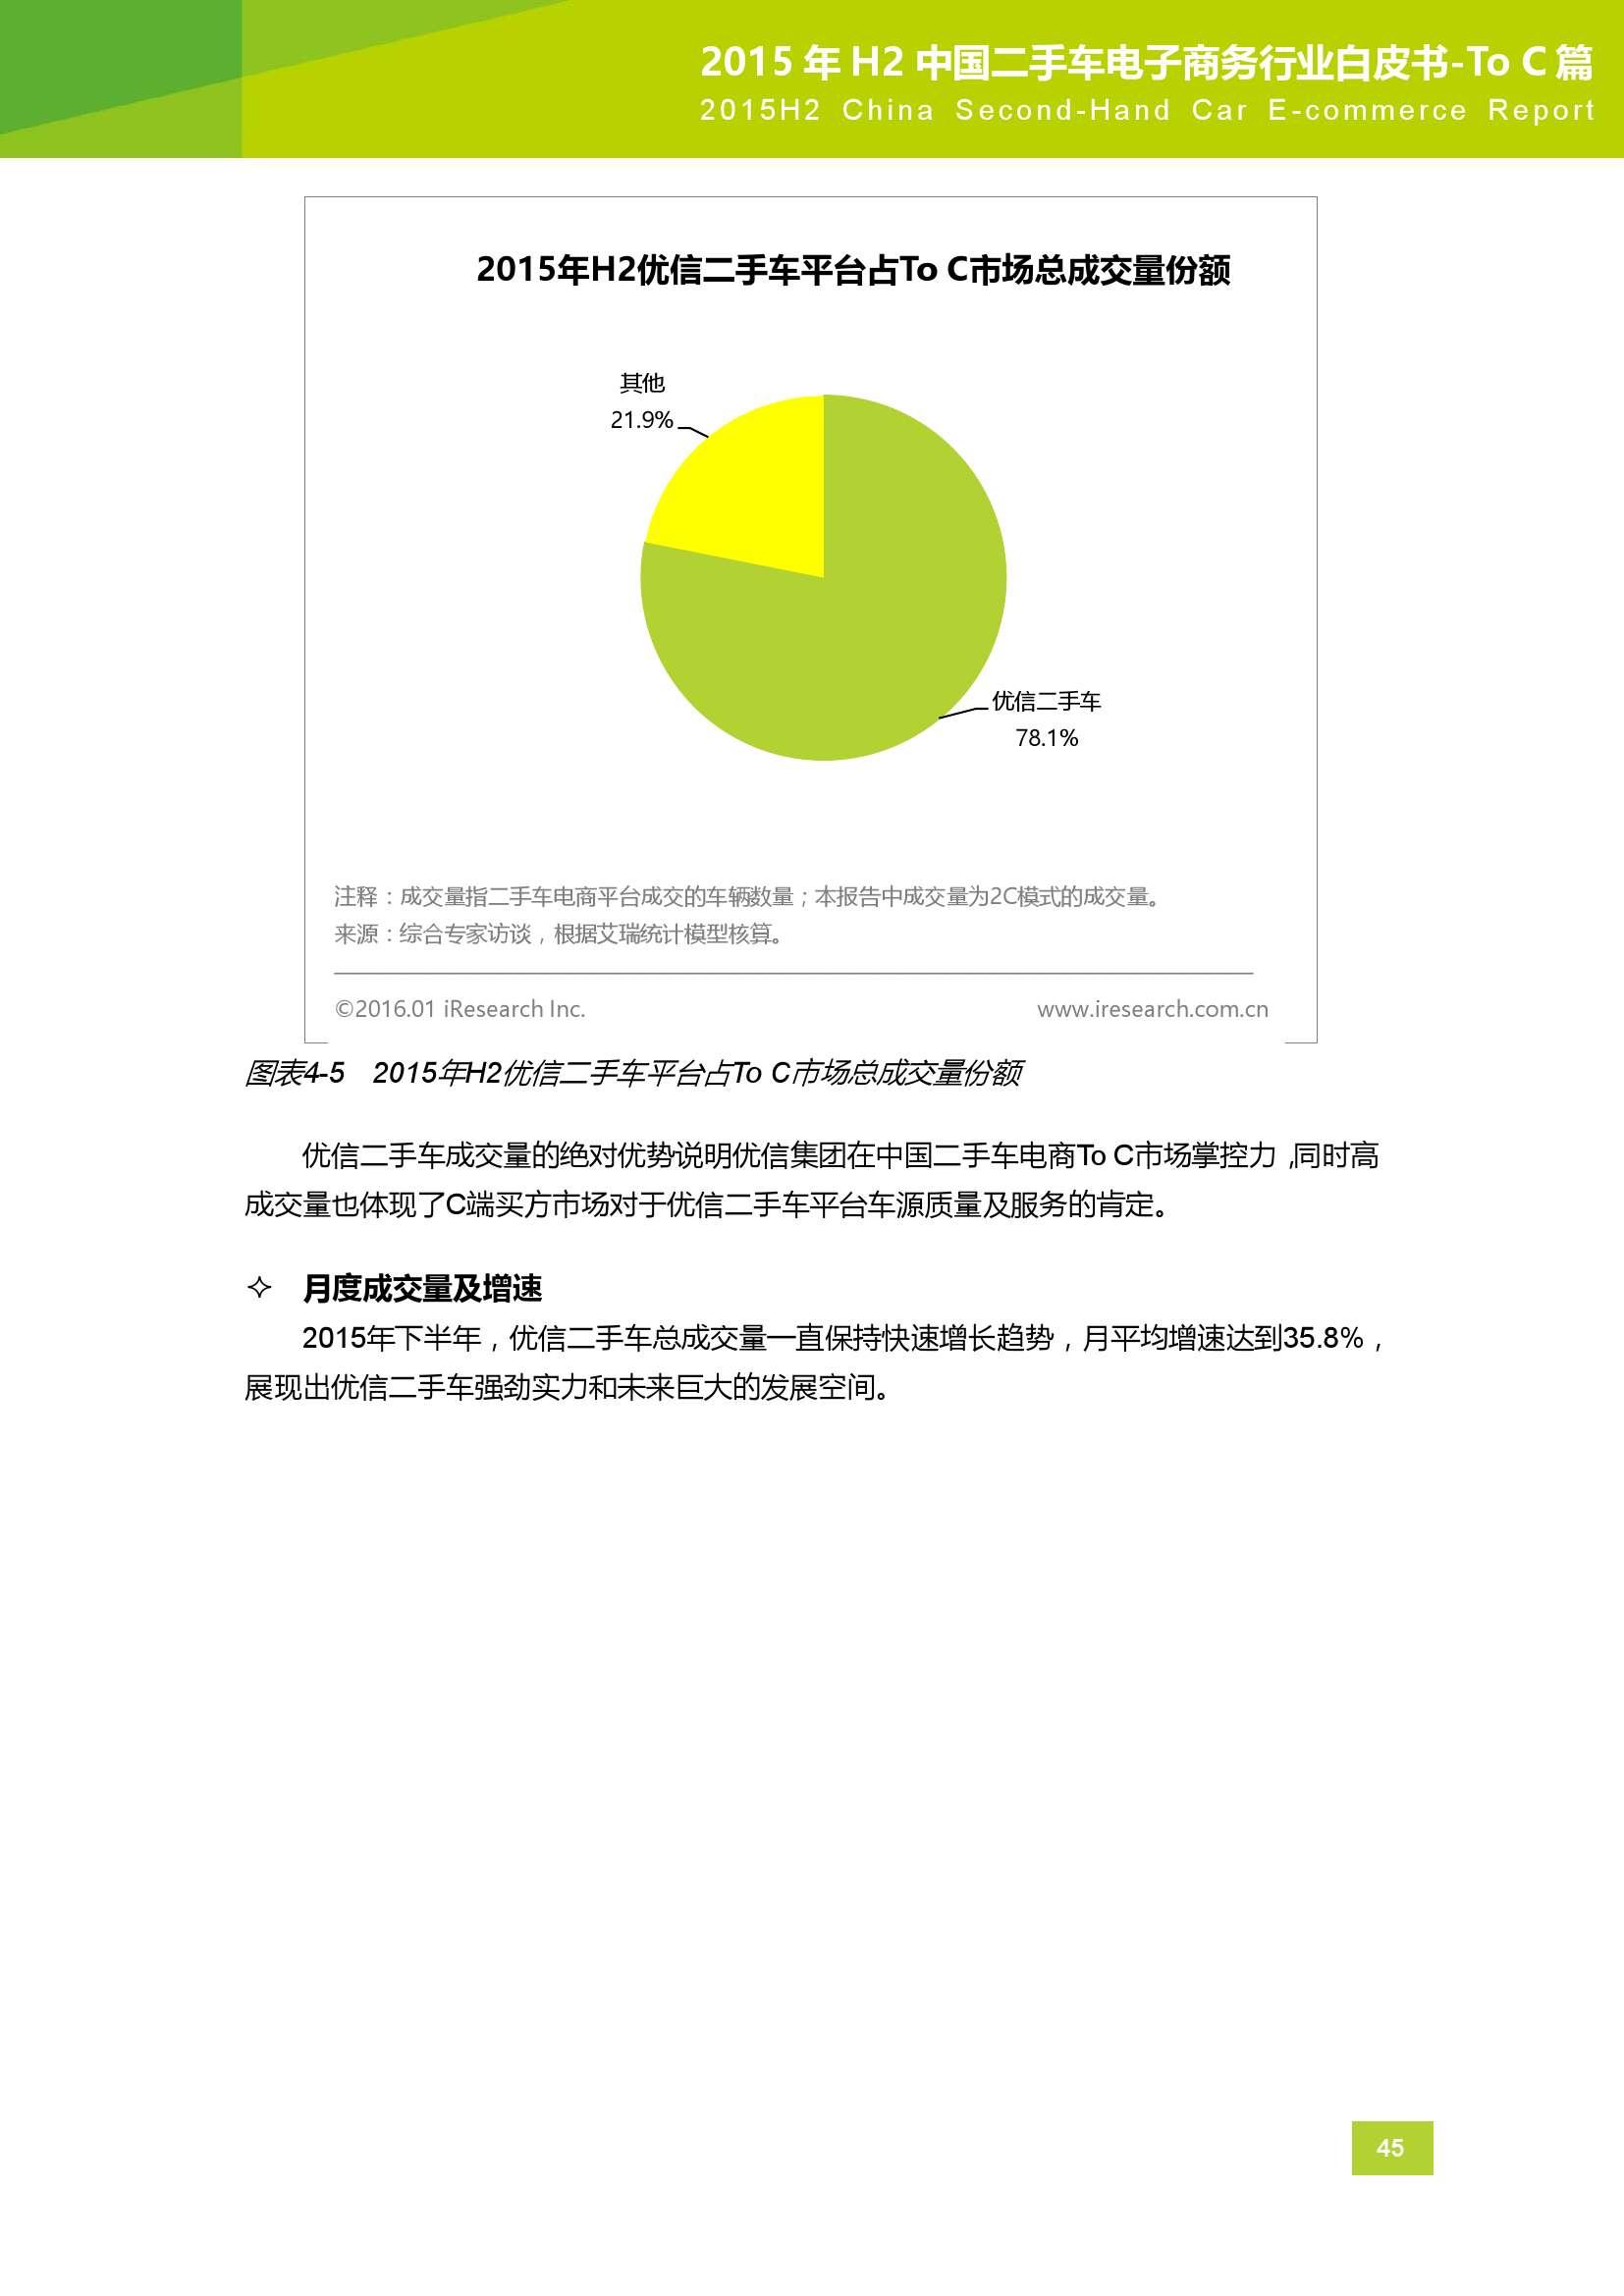 2015年H2中国二手车电子商务行业白皮书_000045